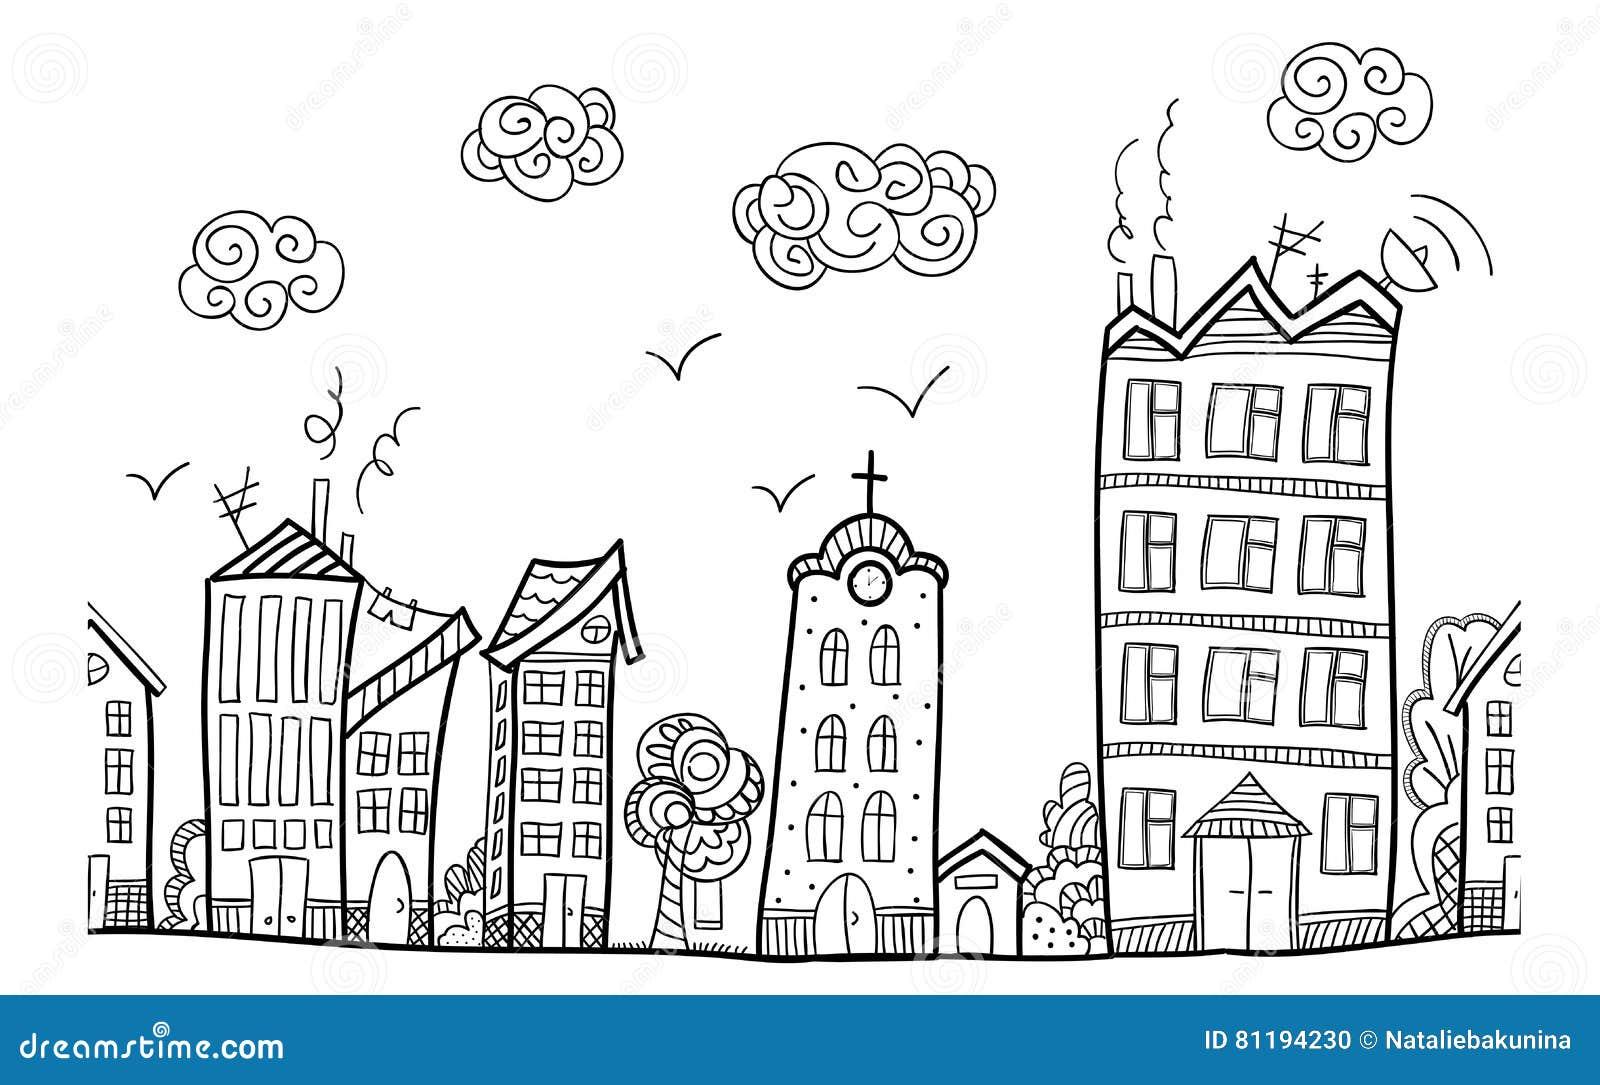 calle de la ciudad ornamento repetido ilustraci n del. Black Bedroom Furniture Sets. Home Design Ideas